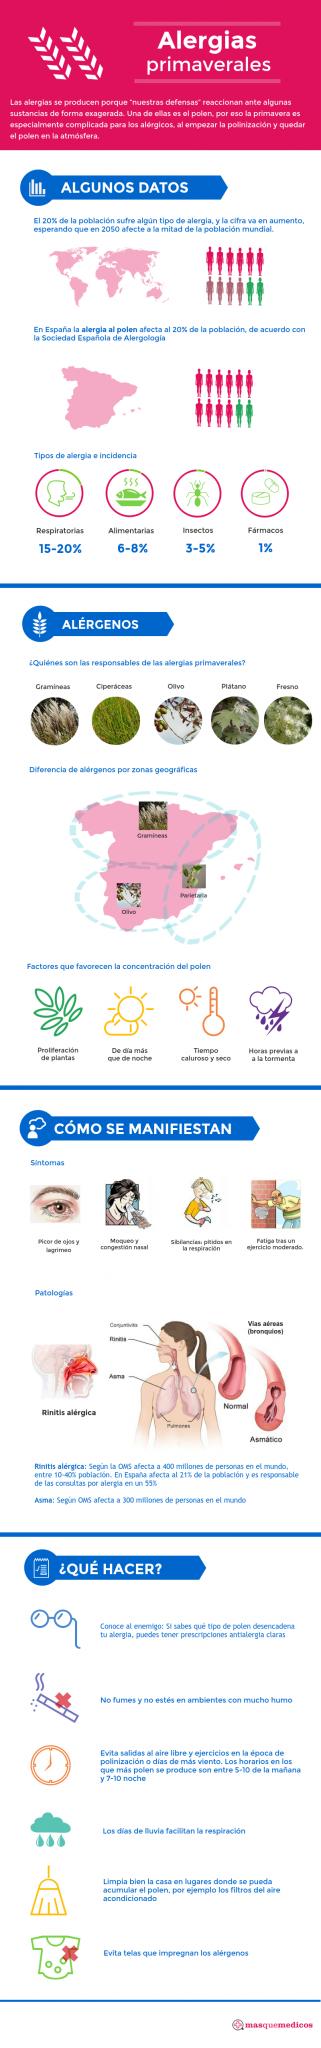 Alergias primaverales y cambio climático en la Semana Mundial de las Alergias